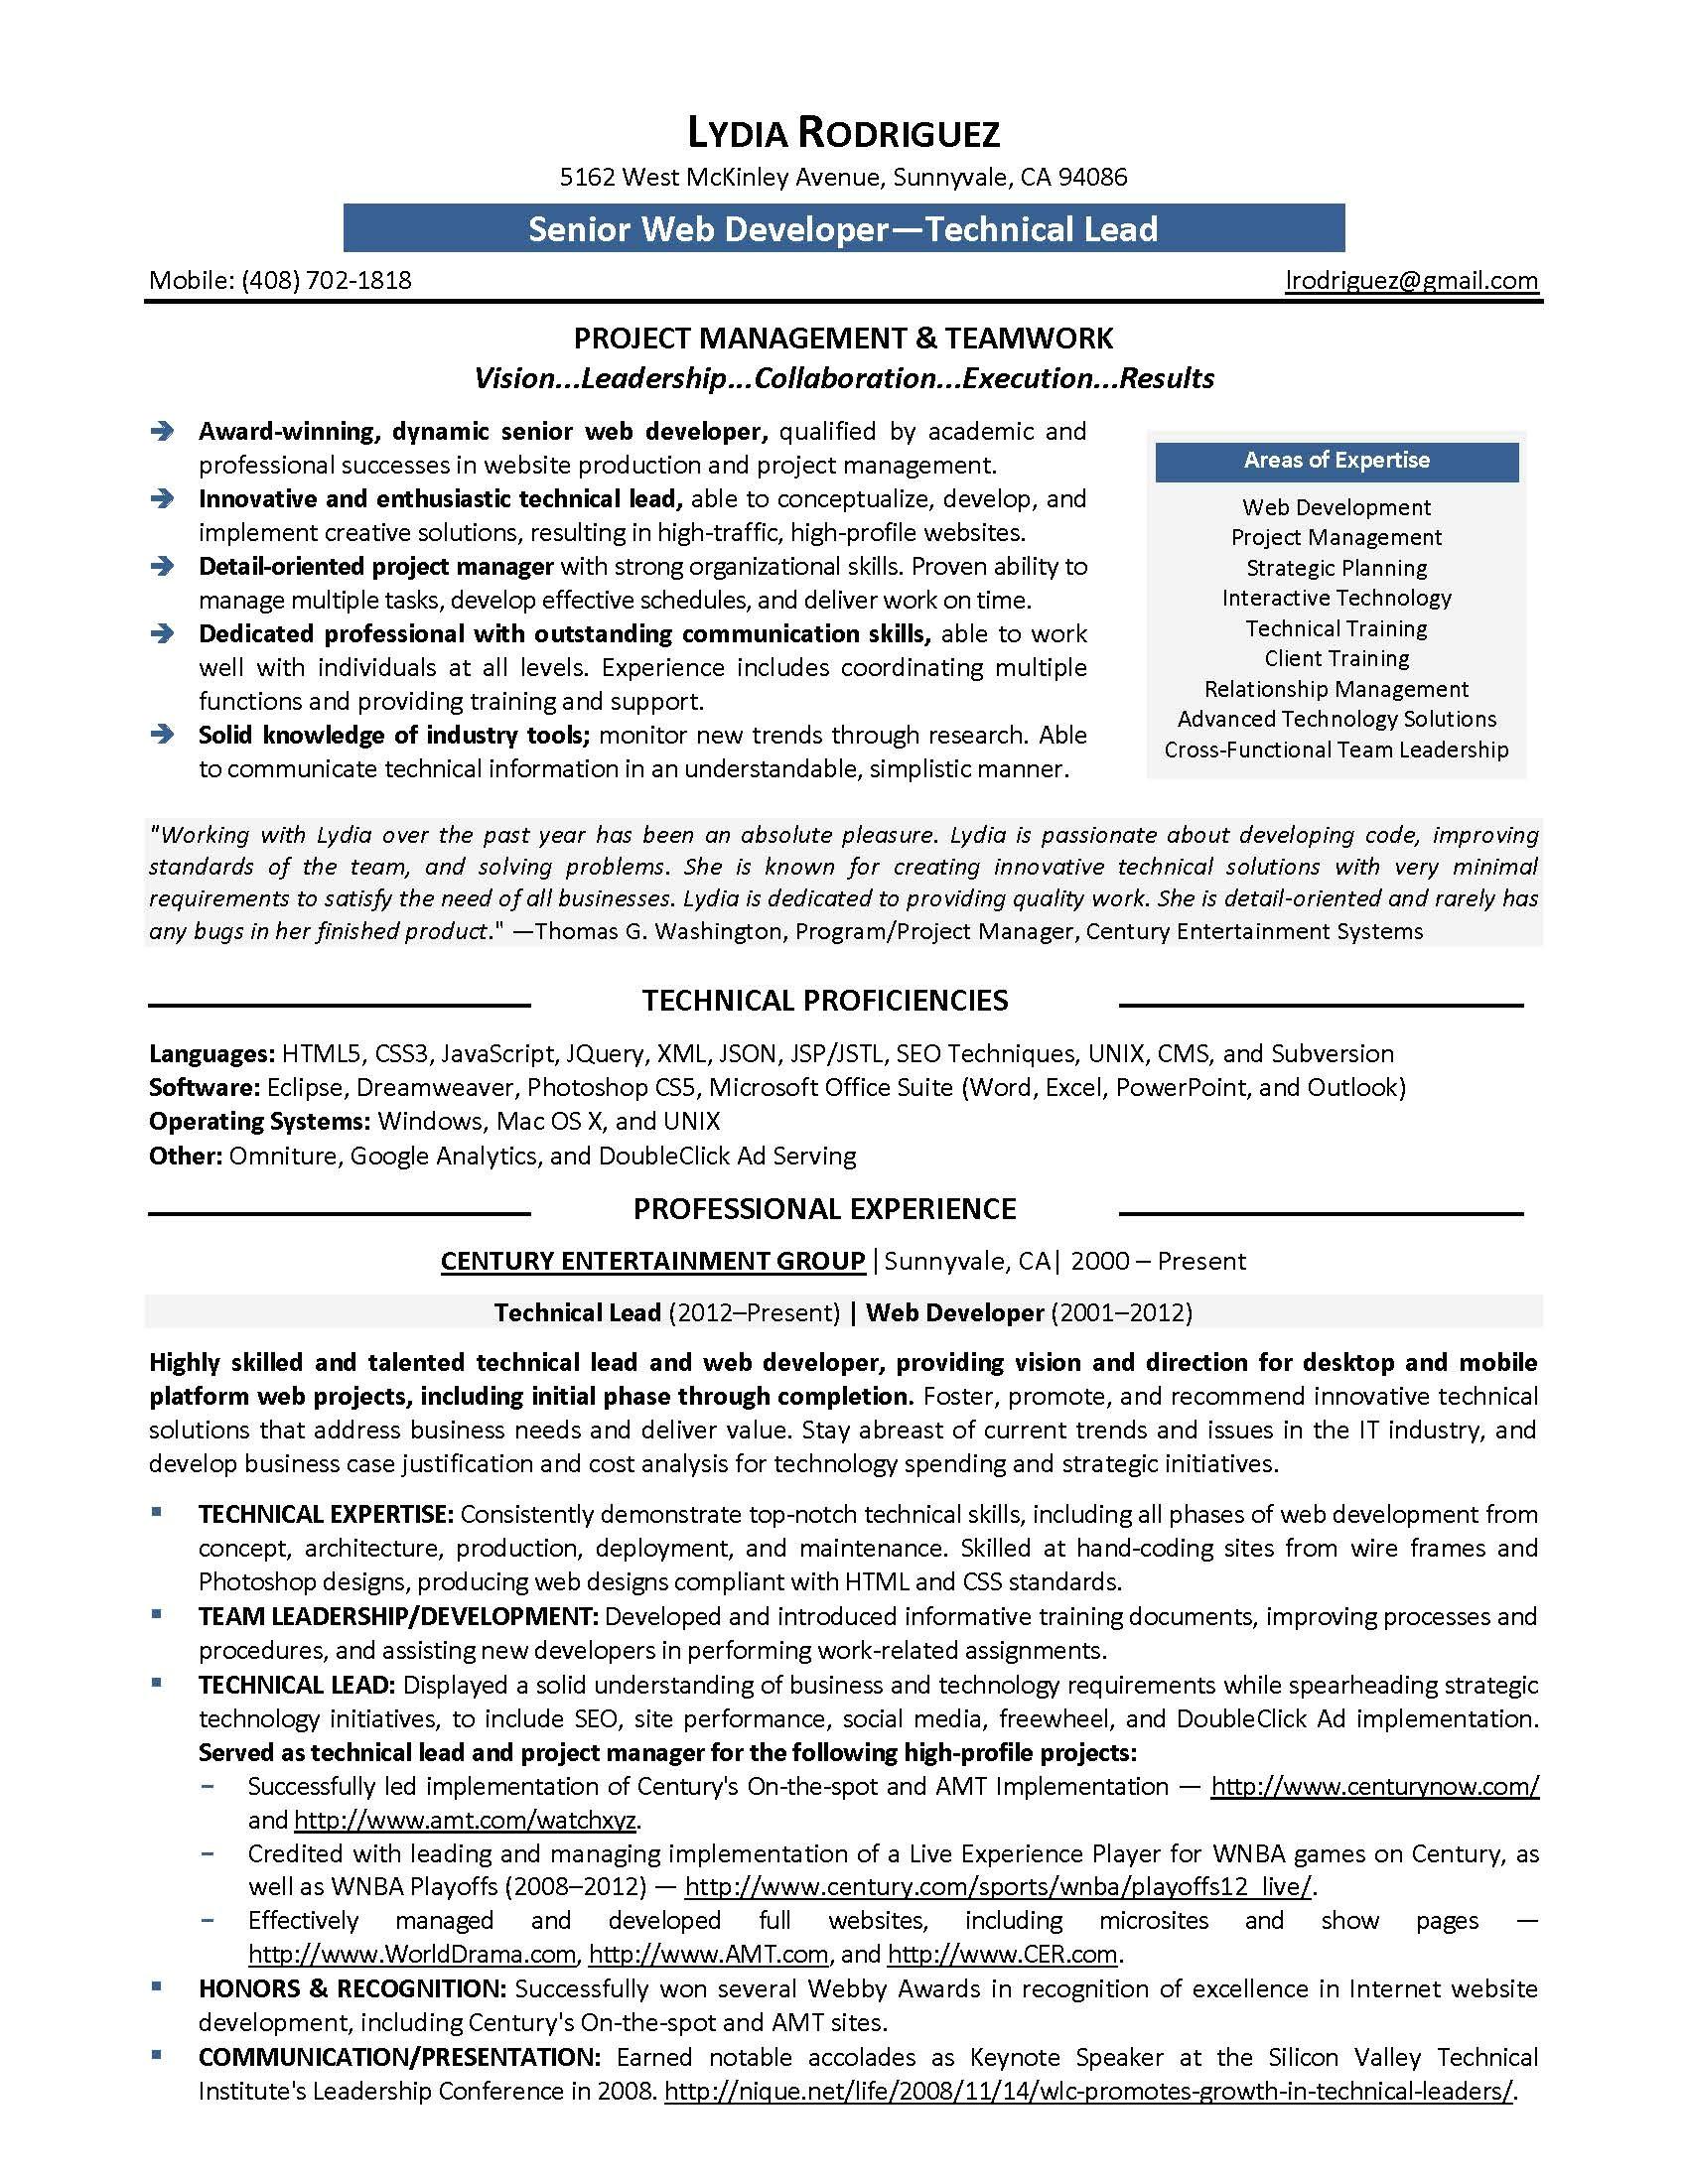 experience resume sample for web developer